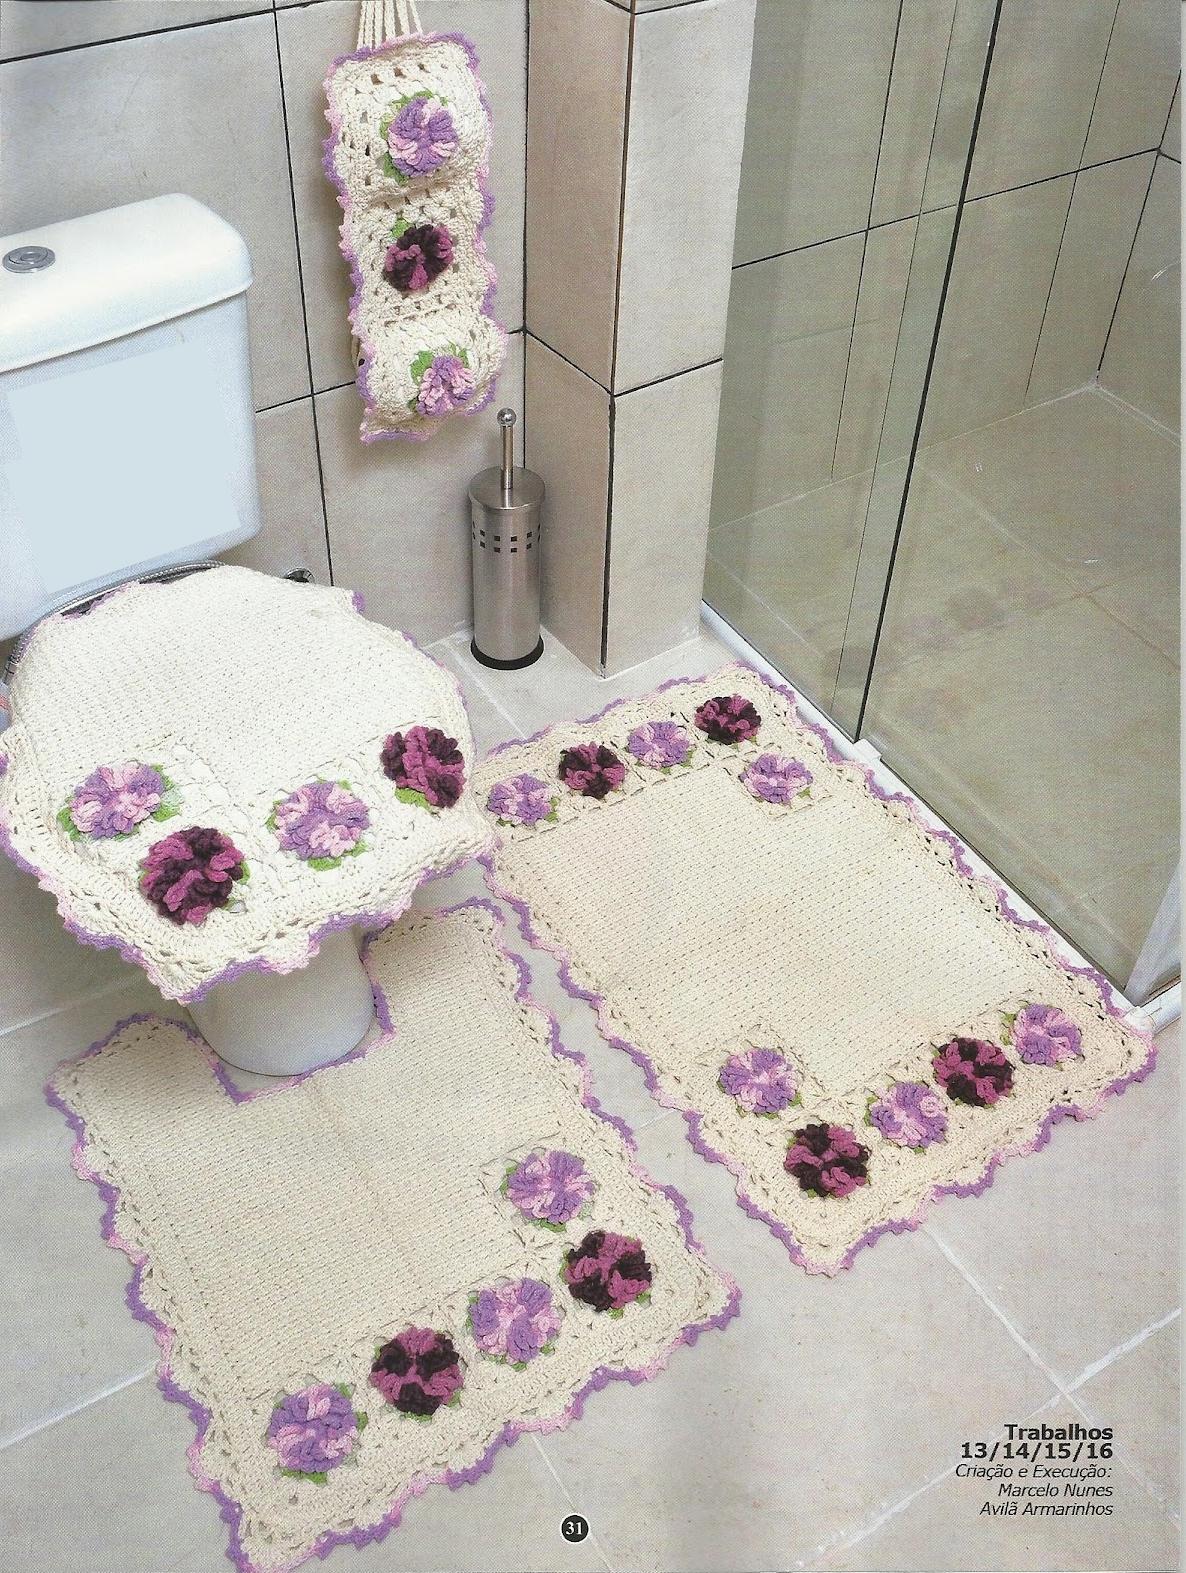 Imagens de #814A63 REGINA RECEITAS DE CROCHE E AFINS: jogos de banheiros lindos. 1186x1573 px 3648 Banheiros Simples E Lindos